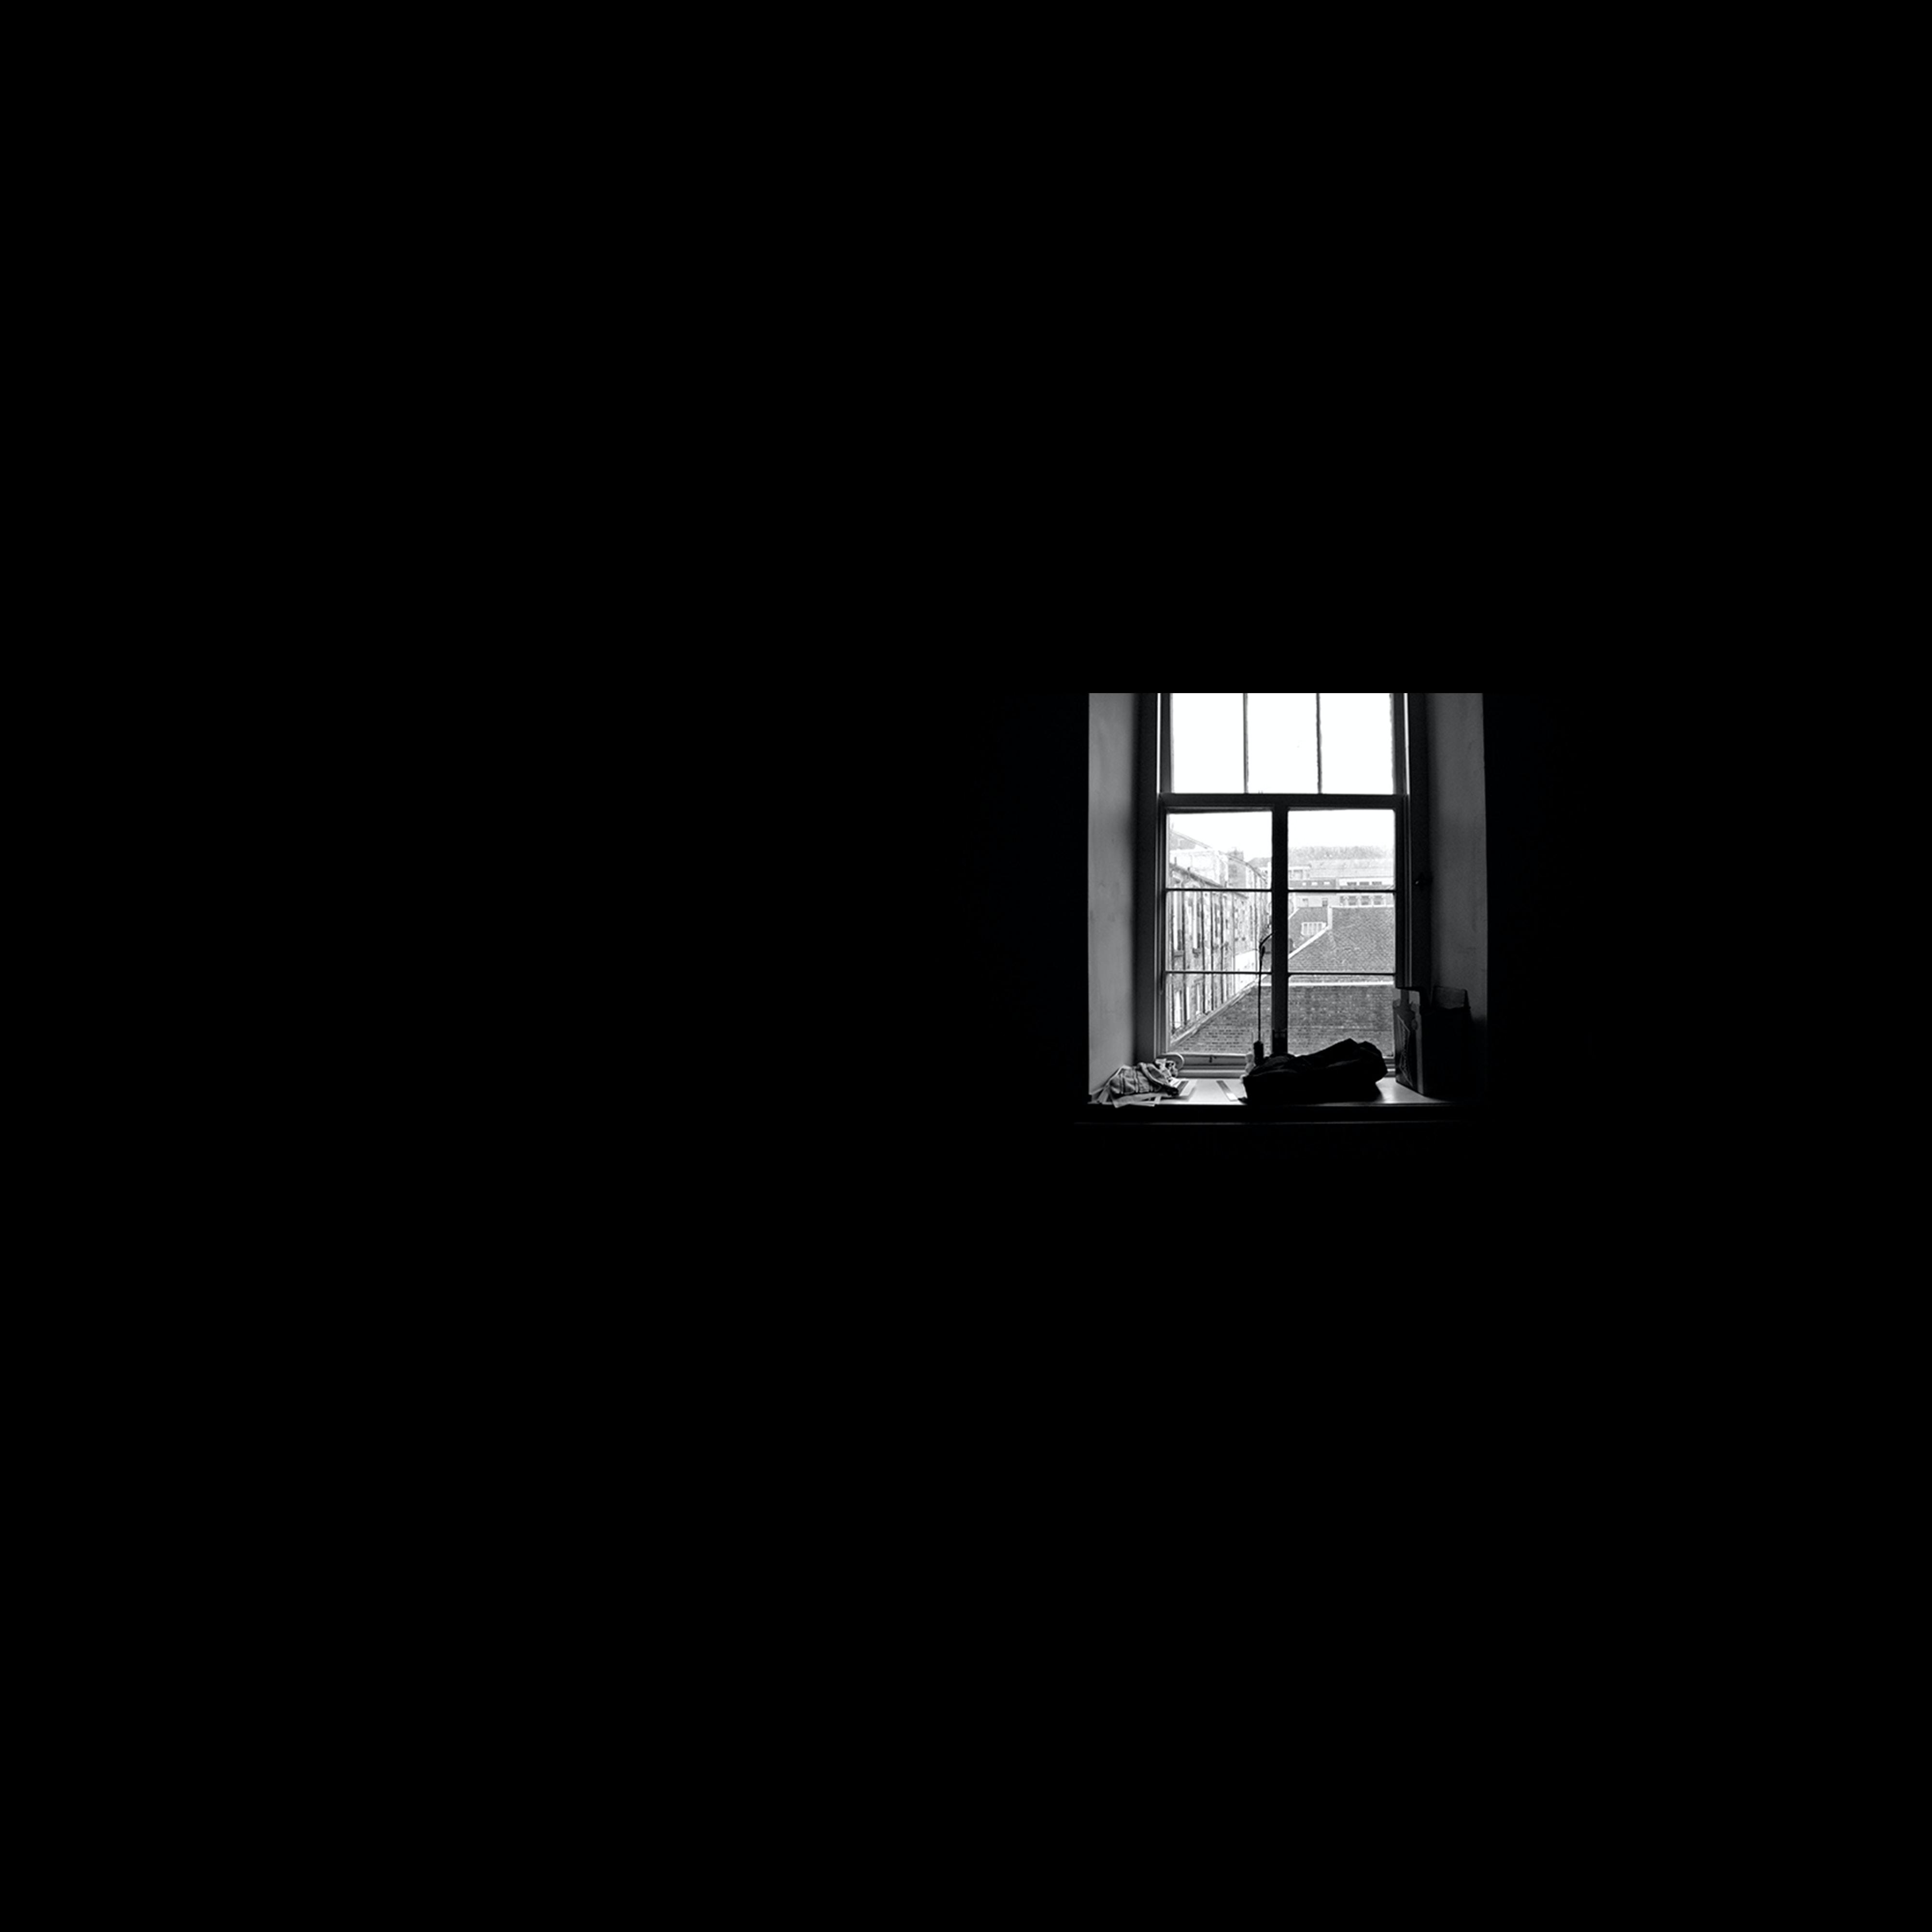 Prompt: Curtain